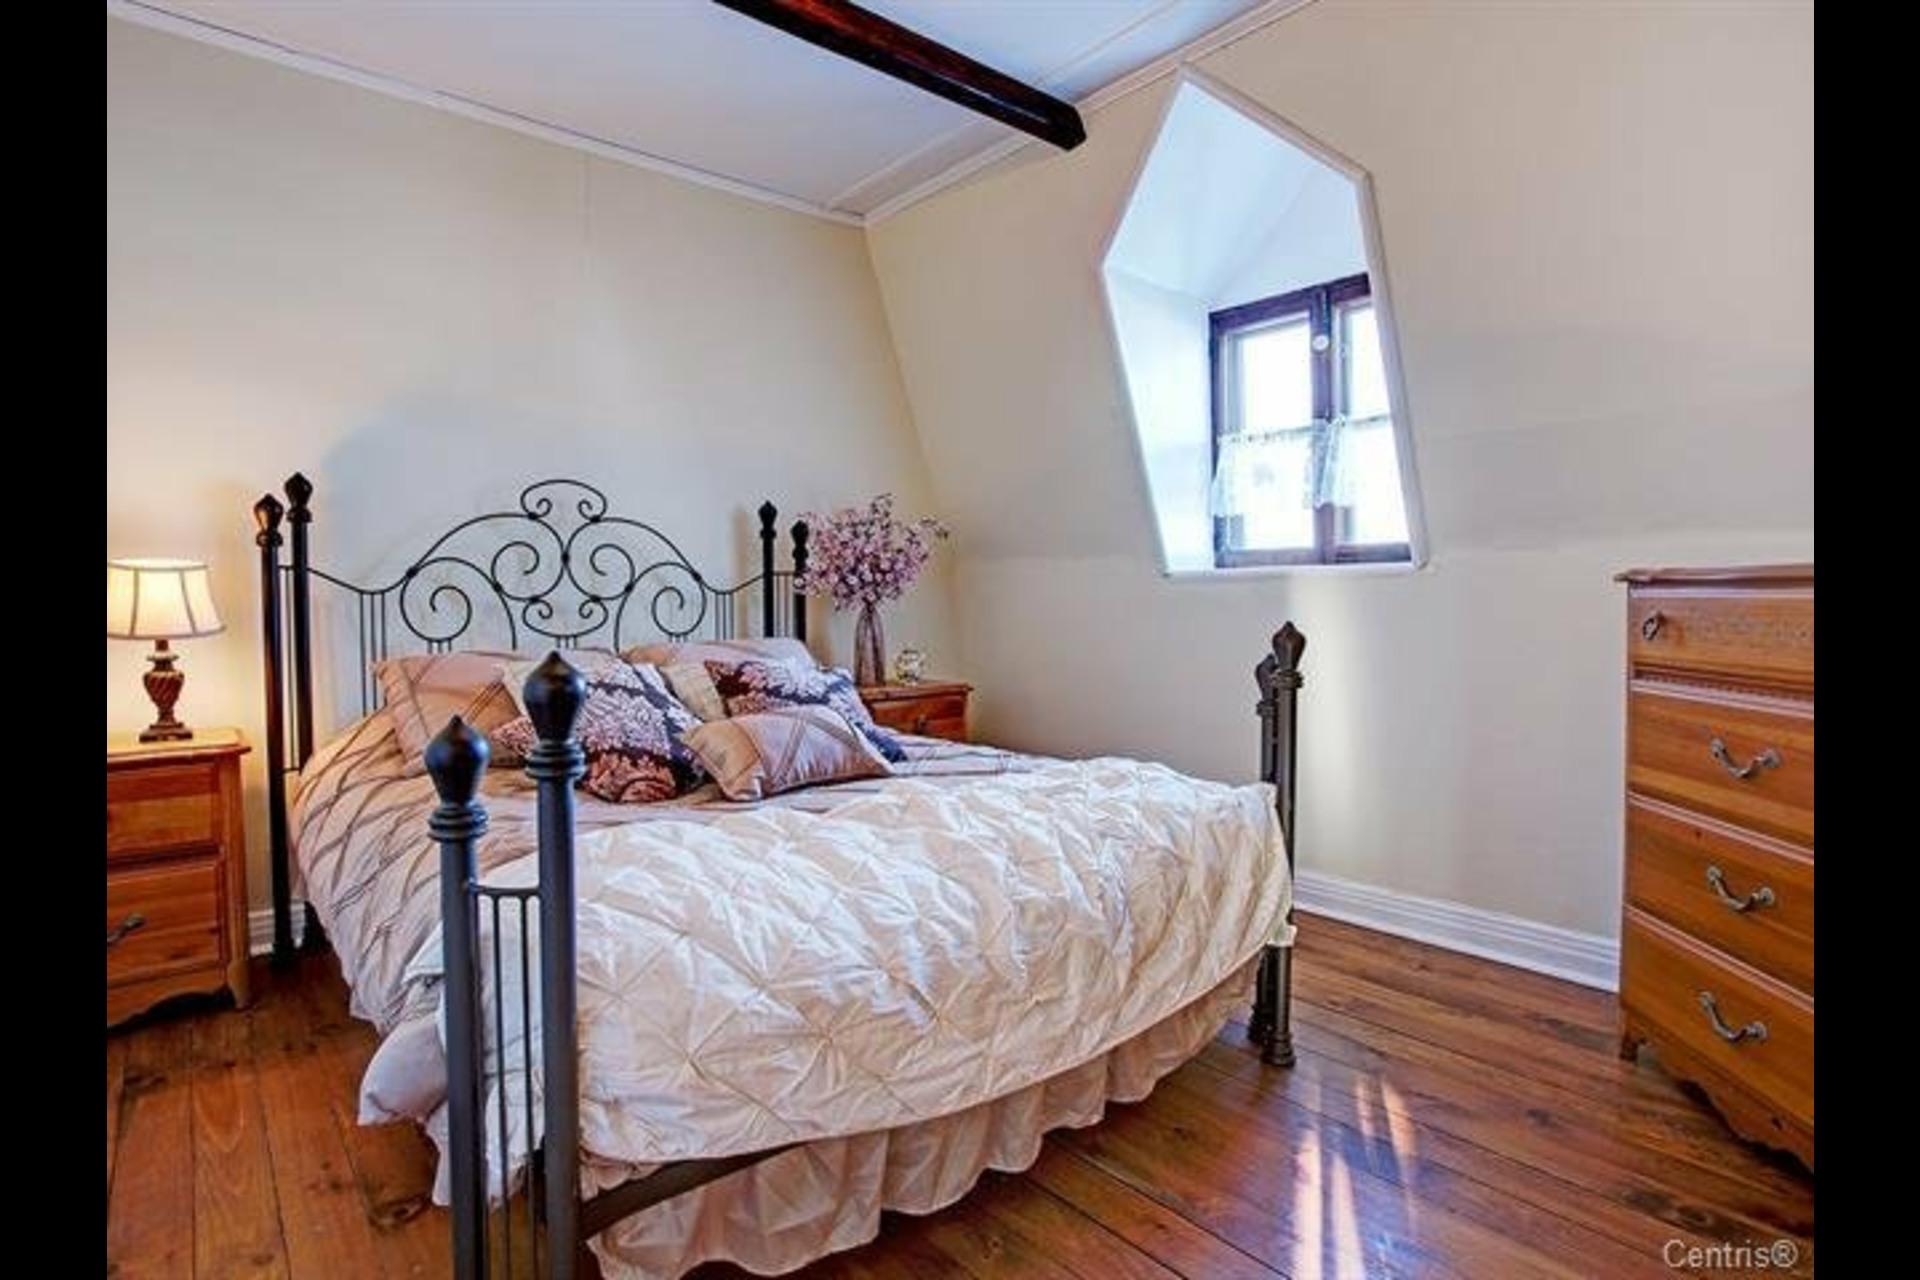 image 14 - MX - Casa sola - MX En venta Vaudreuil-Dorion - 12 habitaciones